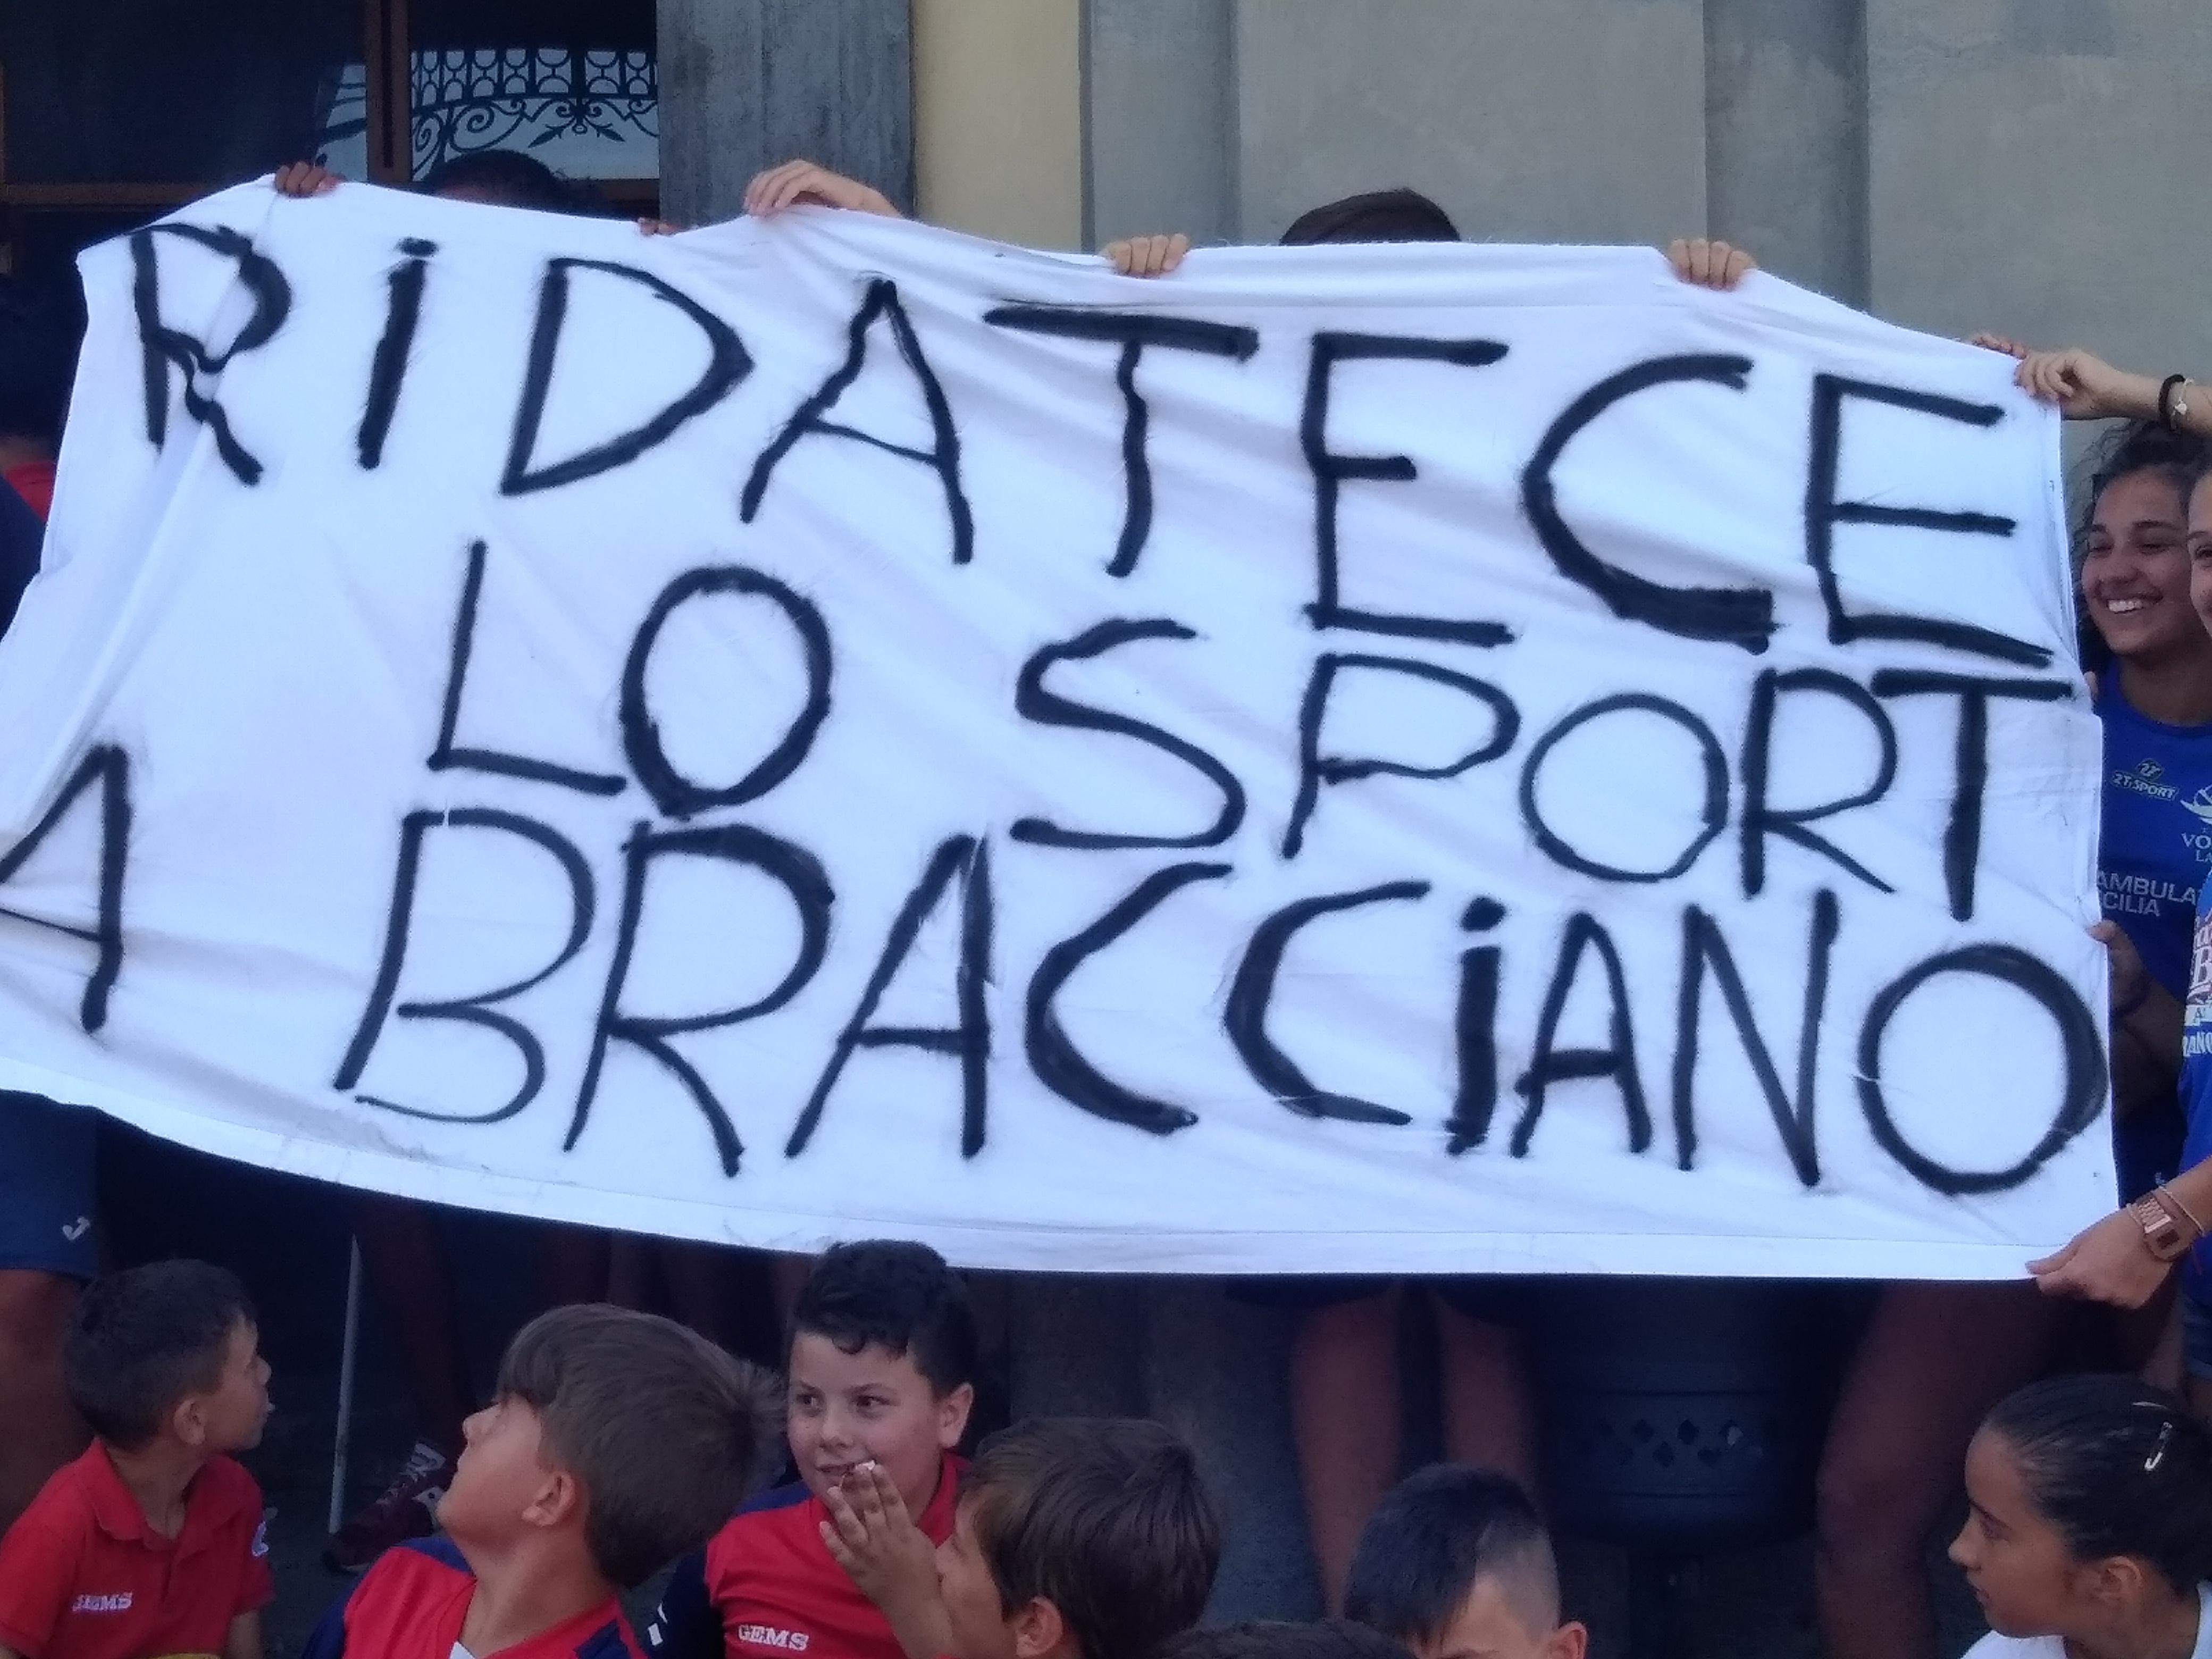 Bracciano: opposizione chiede Consiglio per domani per revoca bando campo sportivo